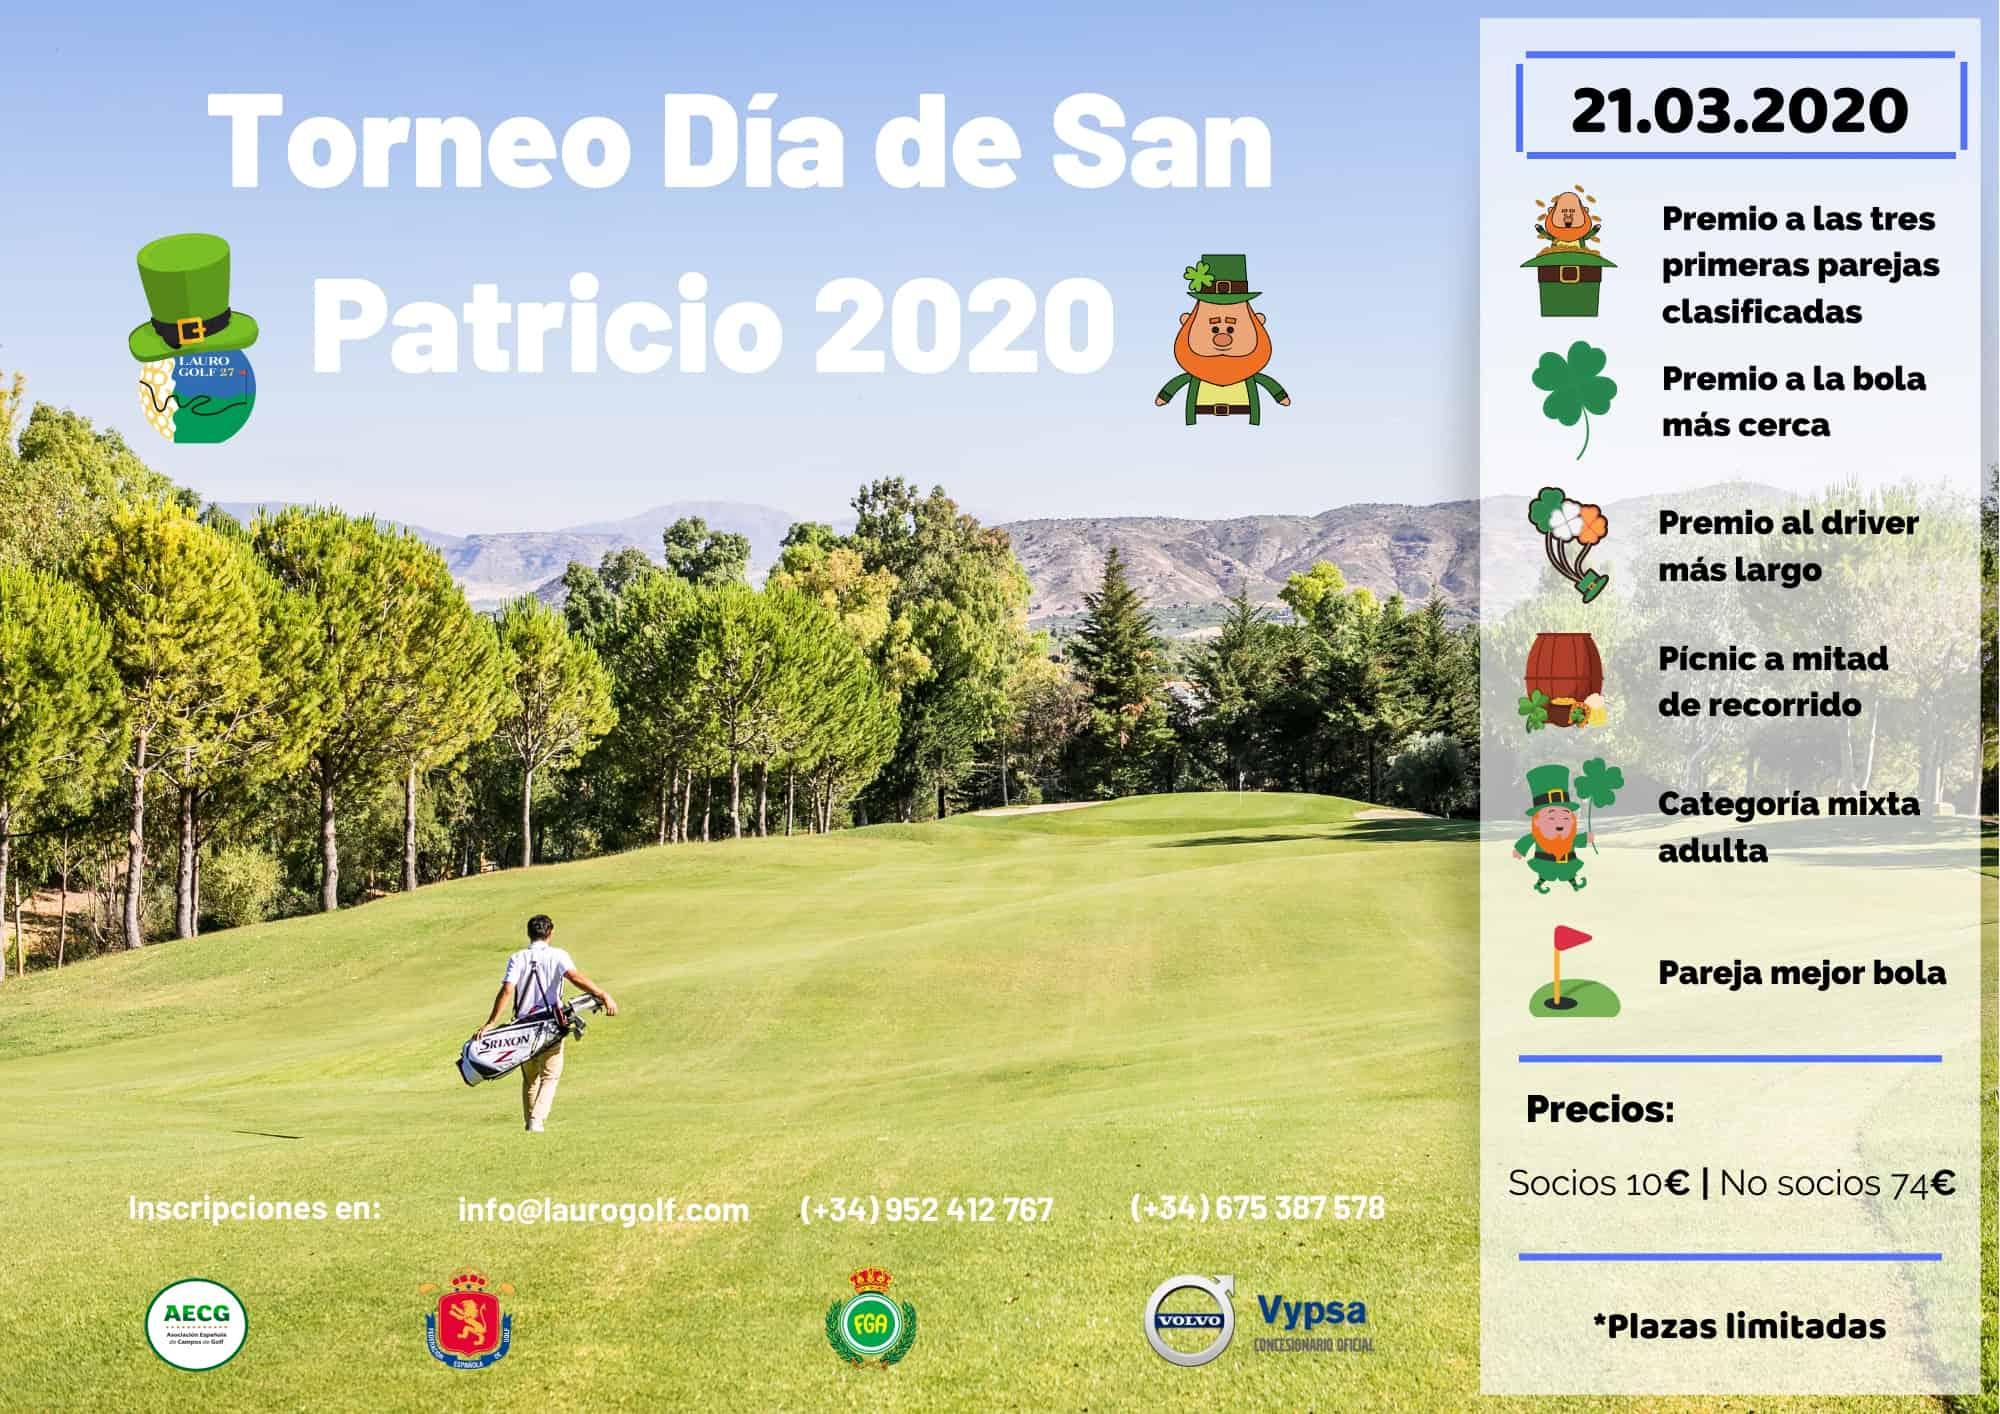 Torneo Día de San Patricio 2020 en Lauro Golf Resort, Costa del Sol, Málaga